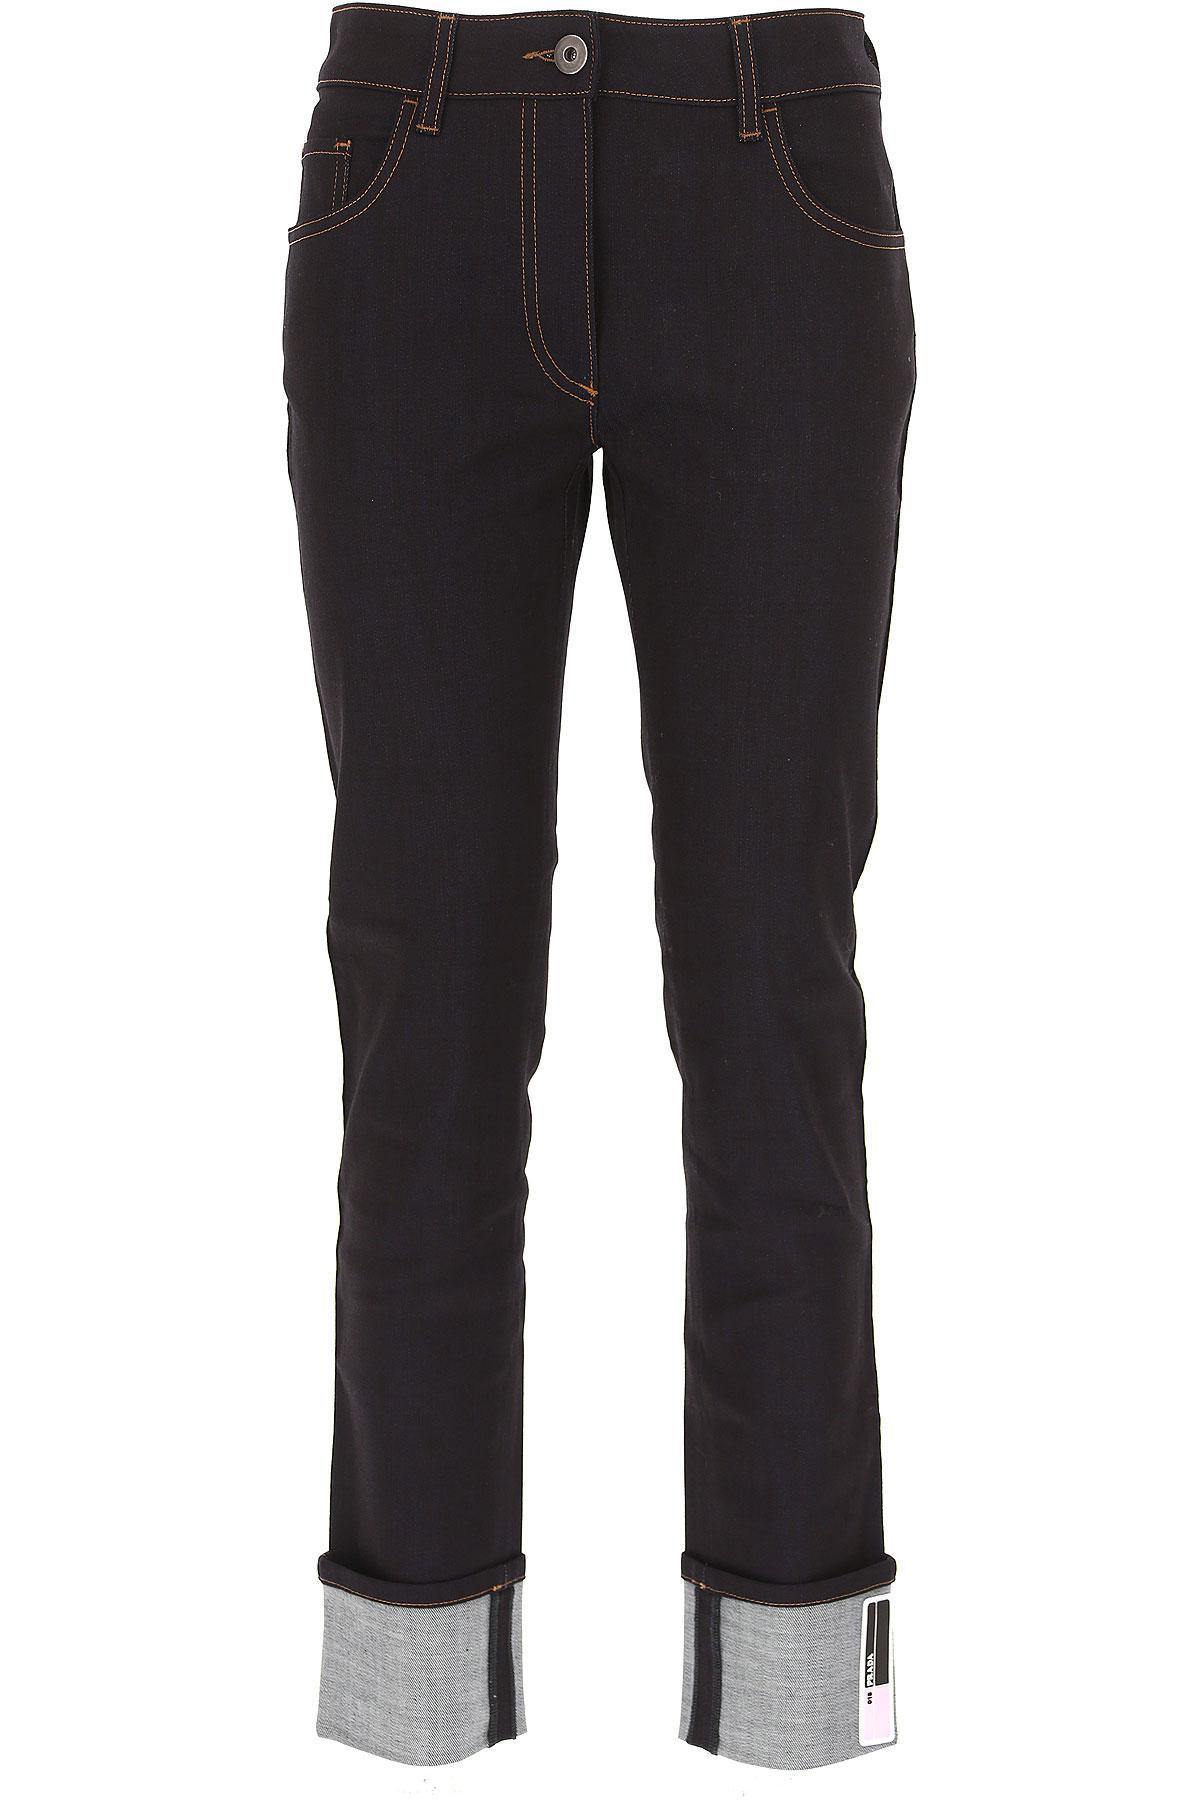 347da4f52c Prada Black Clothing For Women